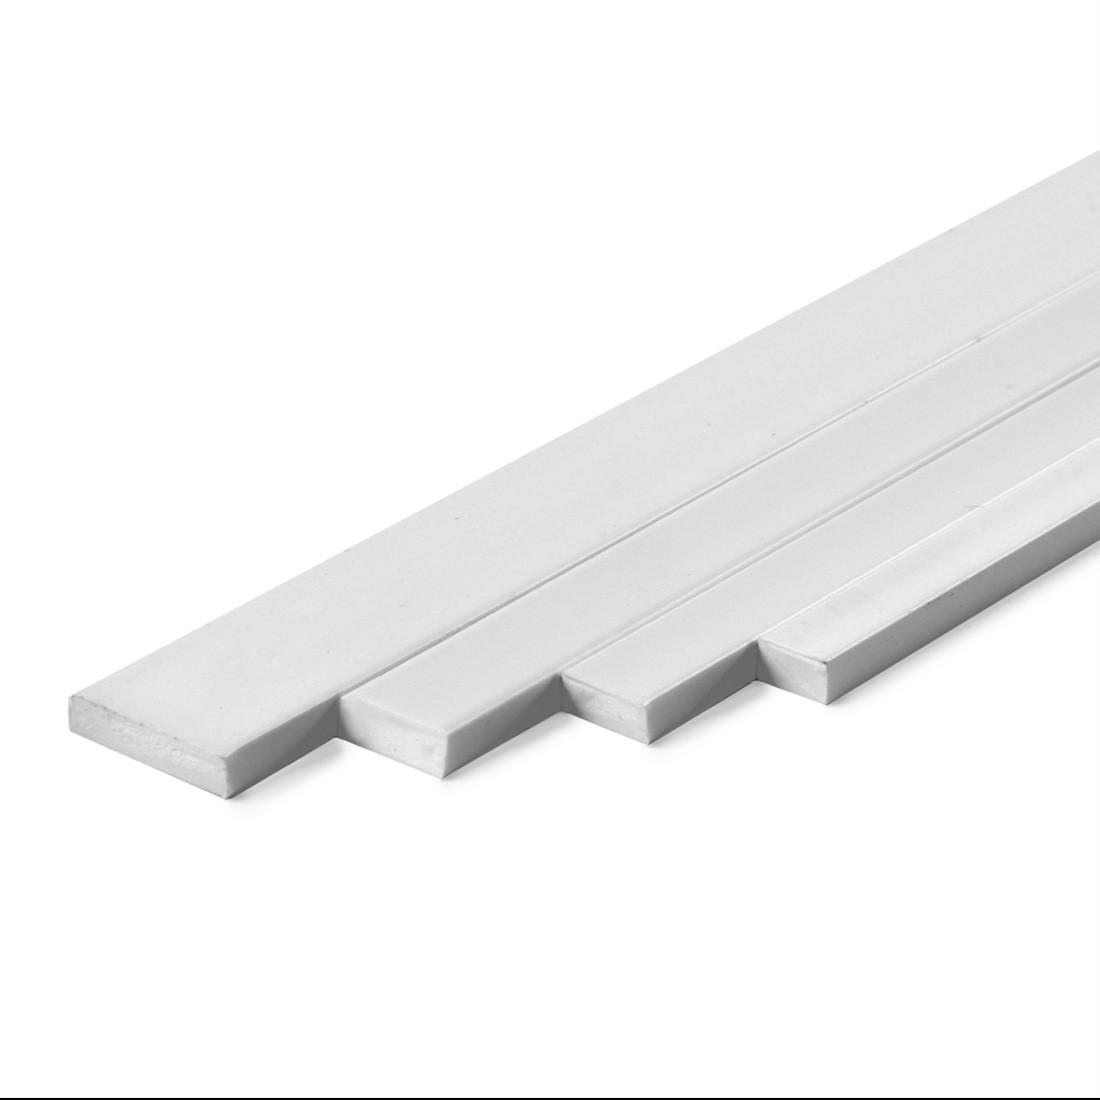 Perfil rectangular ASA mm.2x4x1000